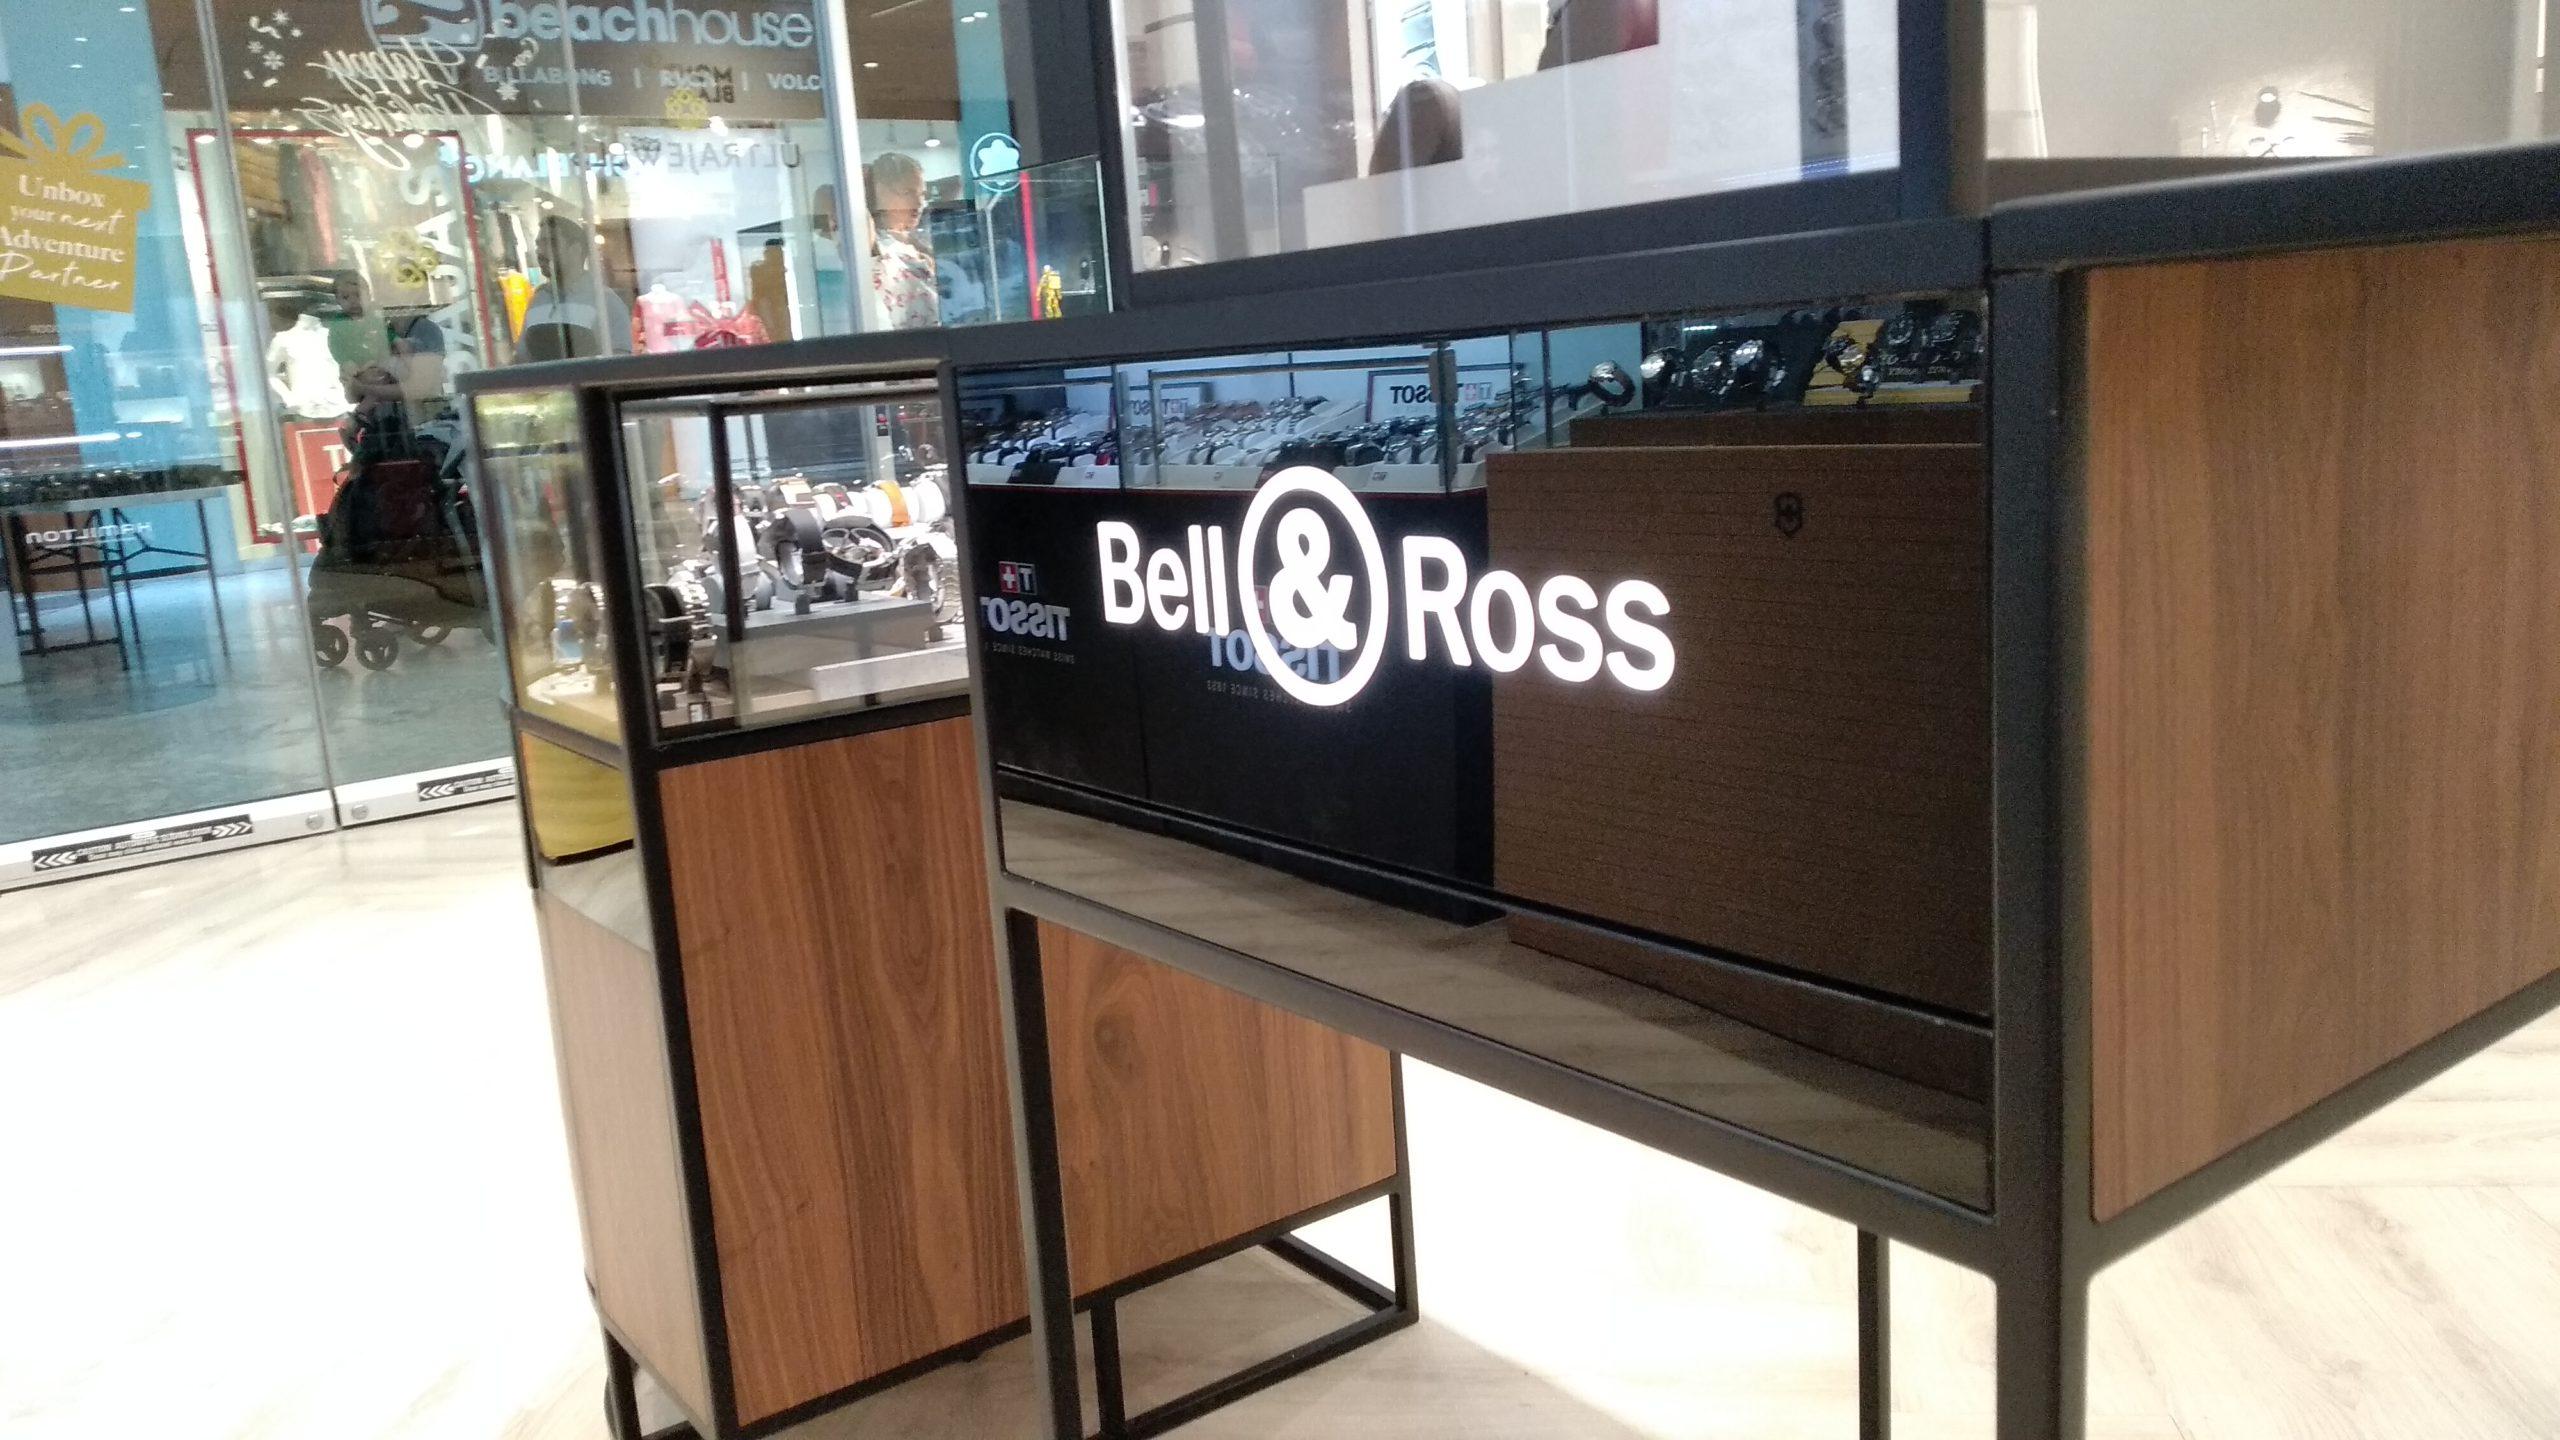 Bell & Ross Ultrajewels Malecón Américas Cancún